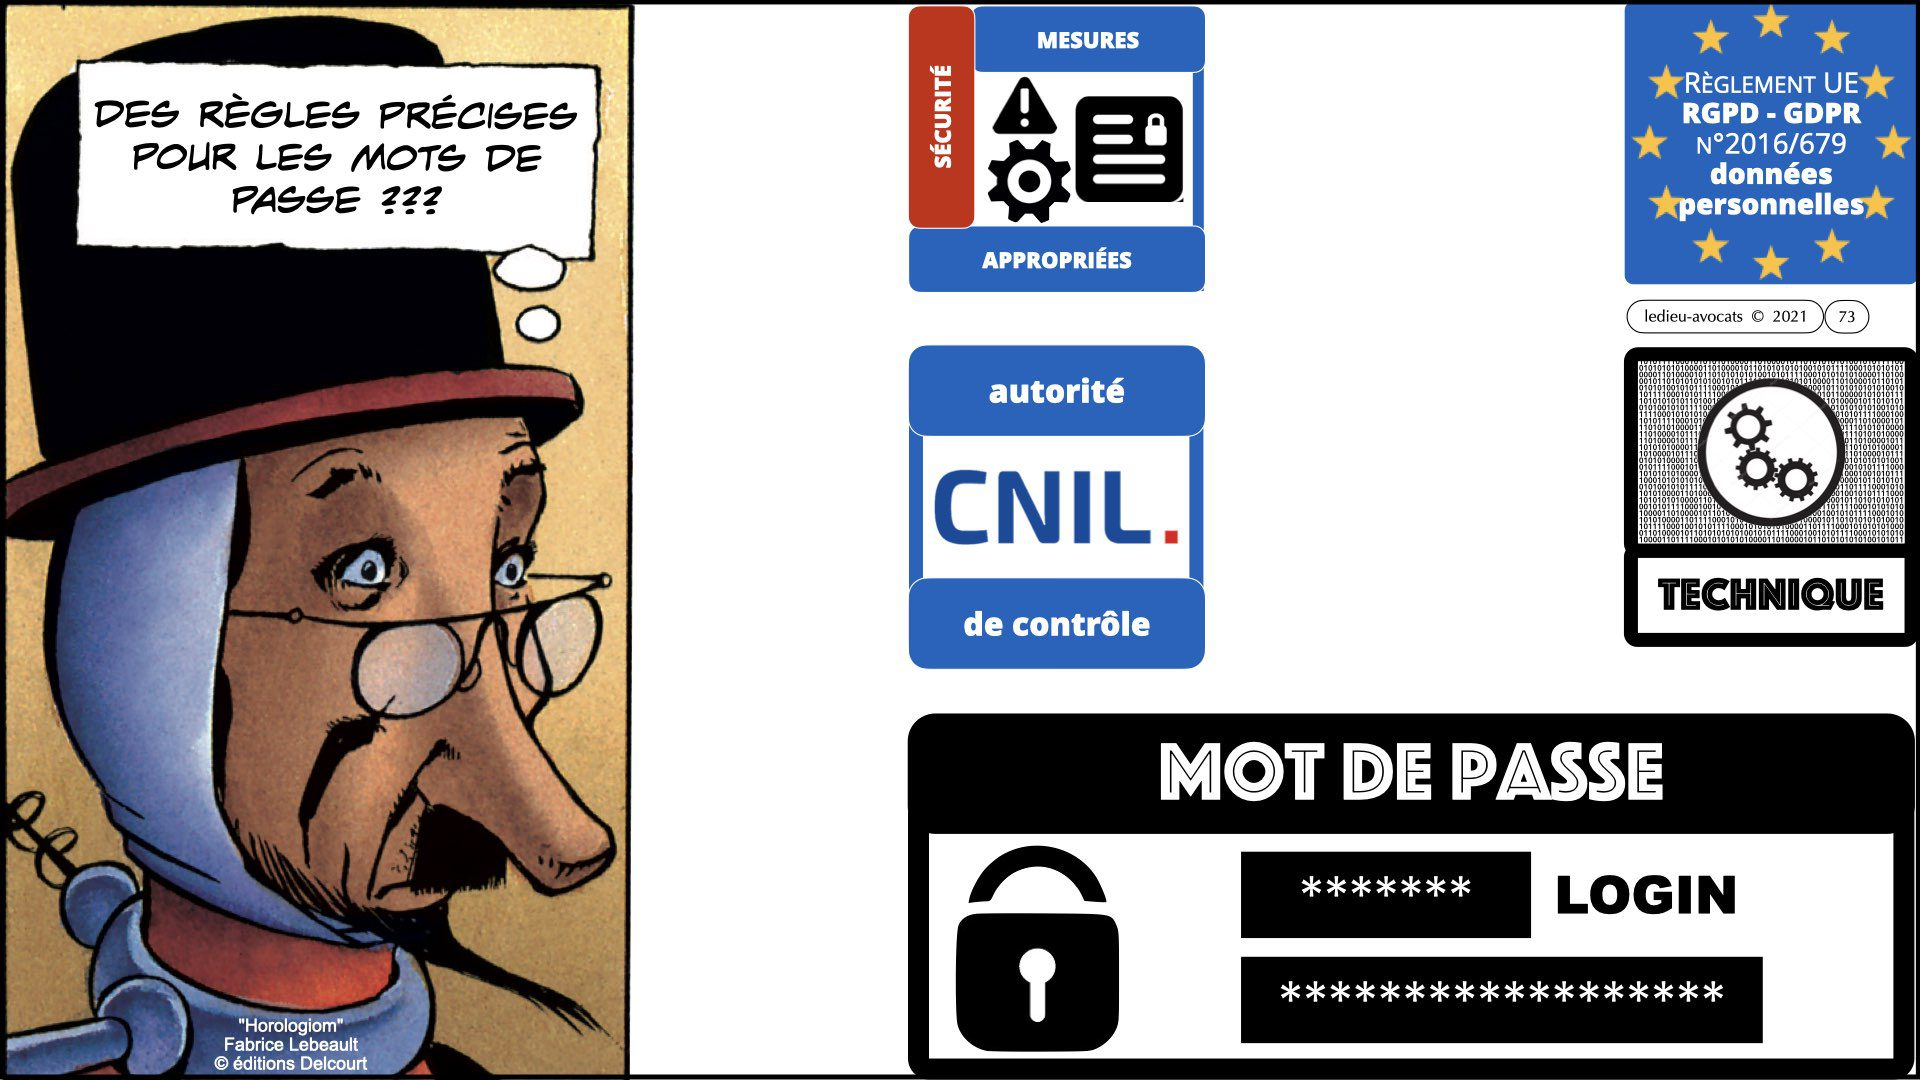 342 droit mot de passe OIV OSE ANALYSE de RISQUE EBIOS RM © Ledieu-Avocats technique droit numérique 05-09-2021.003